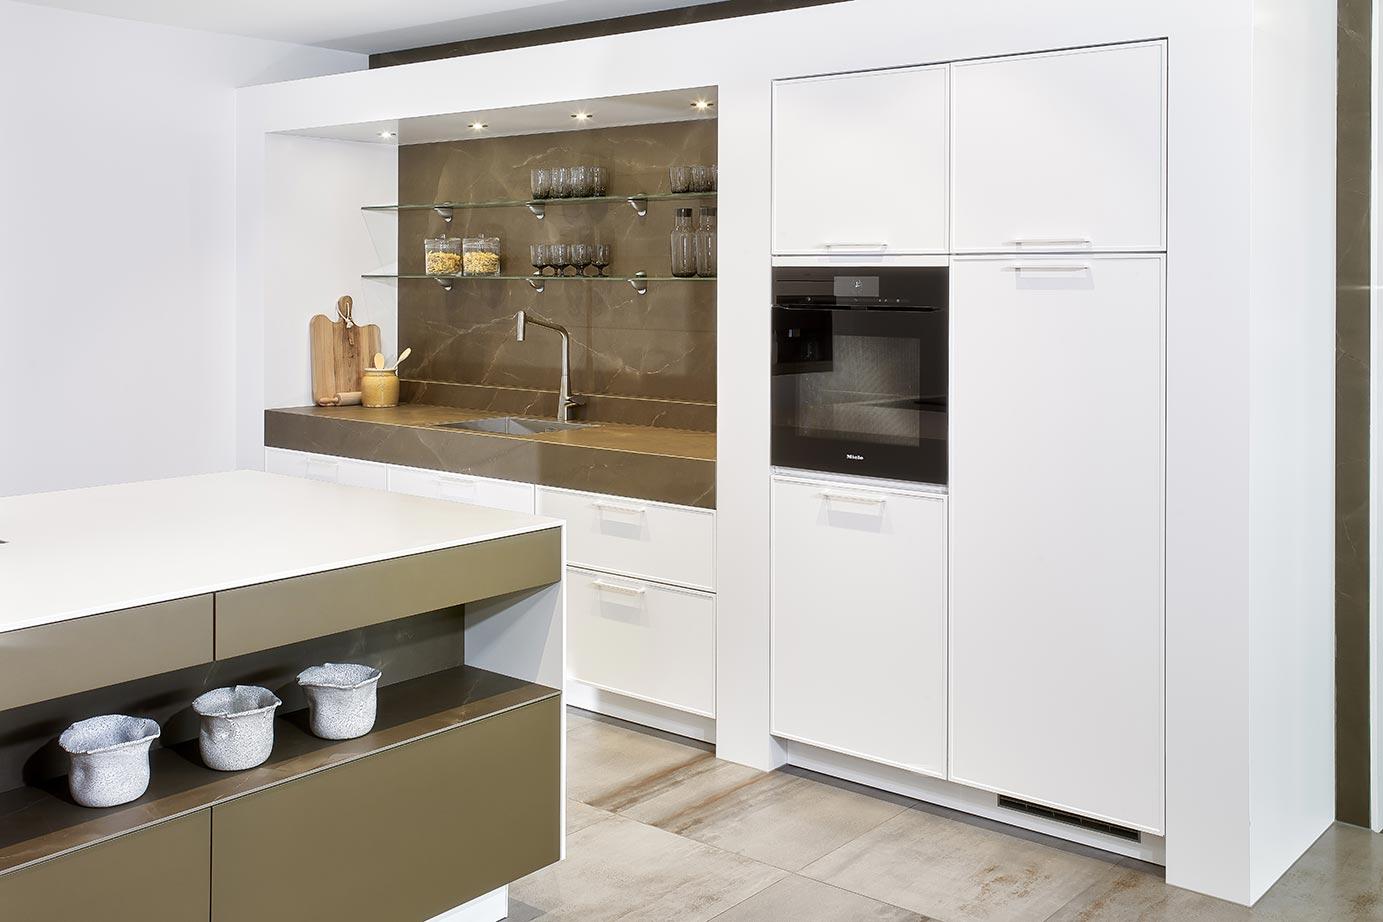 Luxe Design Keuken : Luxe keuken met eiland kopen bekijk foto s en prijzen db keukens